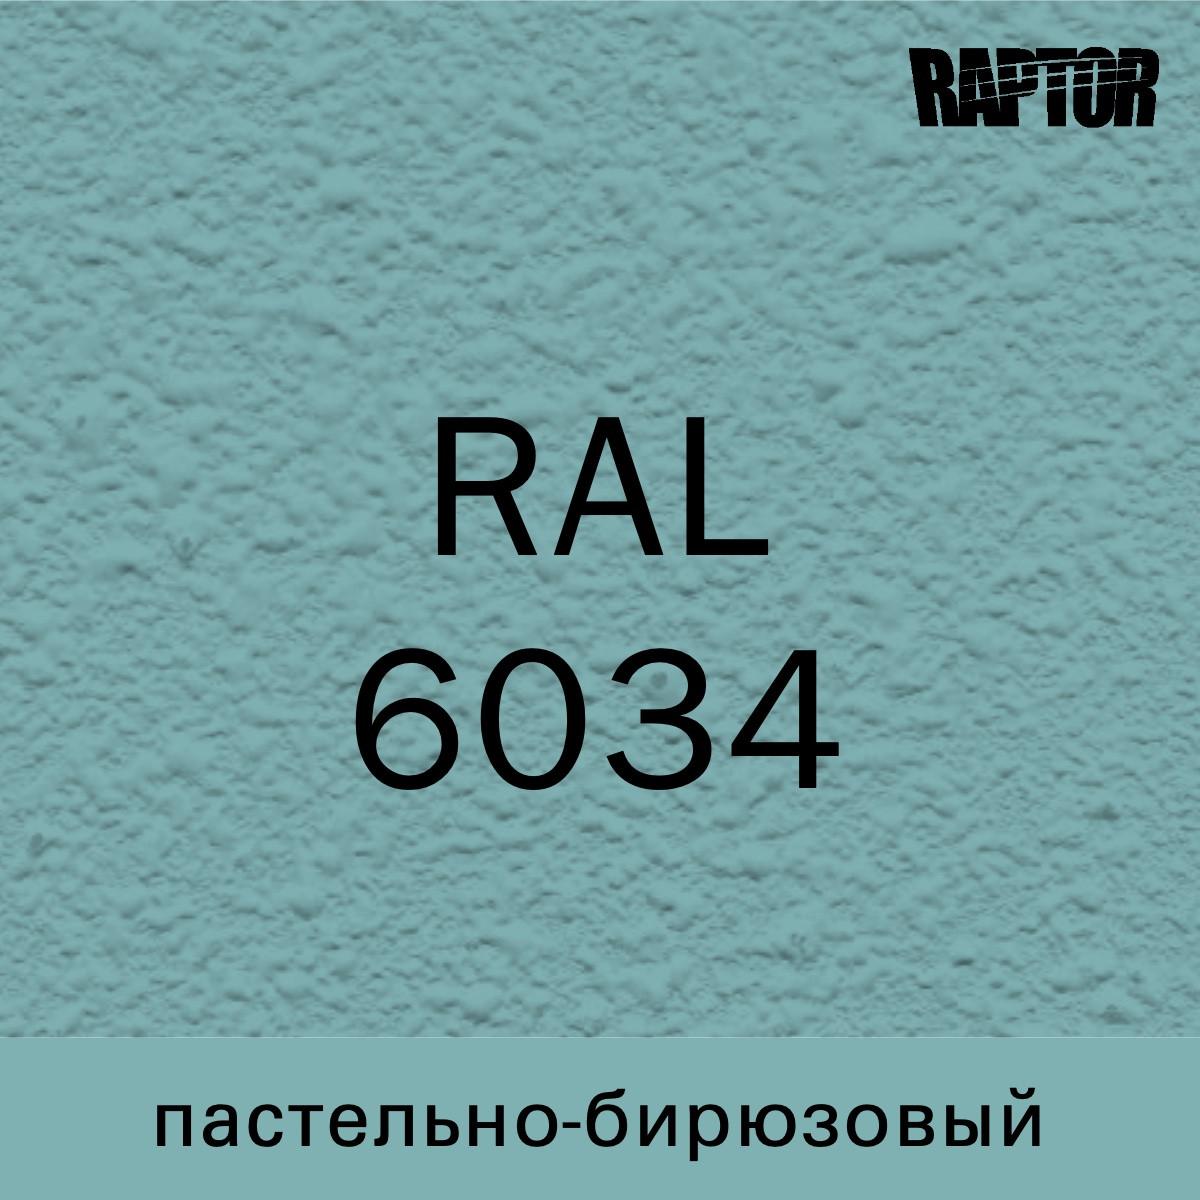 Пигмент для колеровки покрытия RAPTOR™ Пастельно-бирюзовый (RAL 6034)